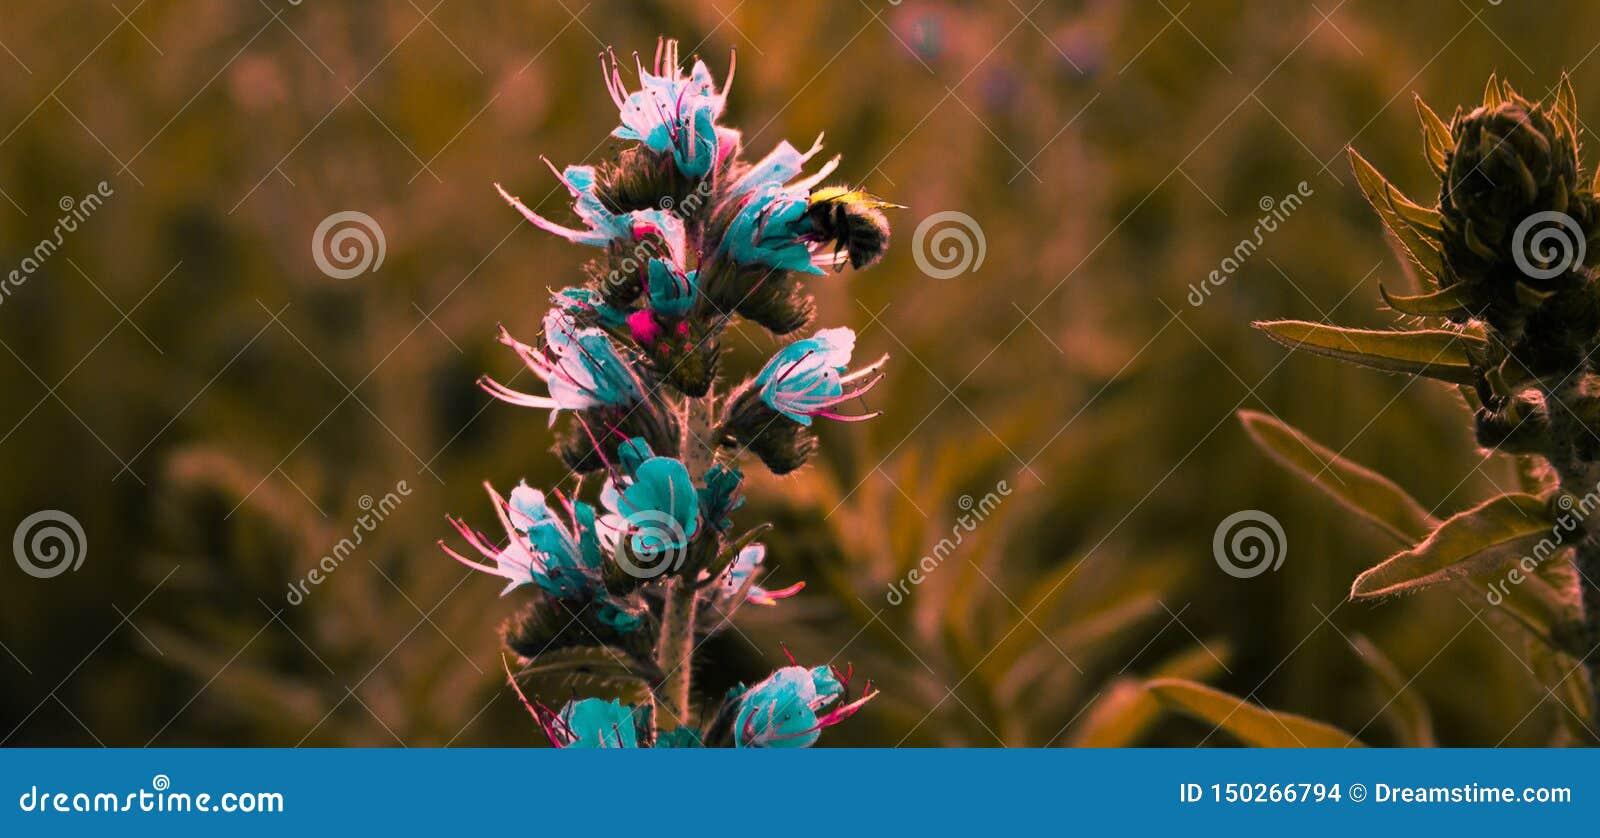 Prachtige bloem met een bij